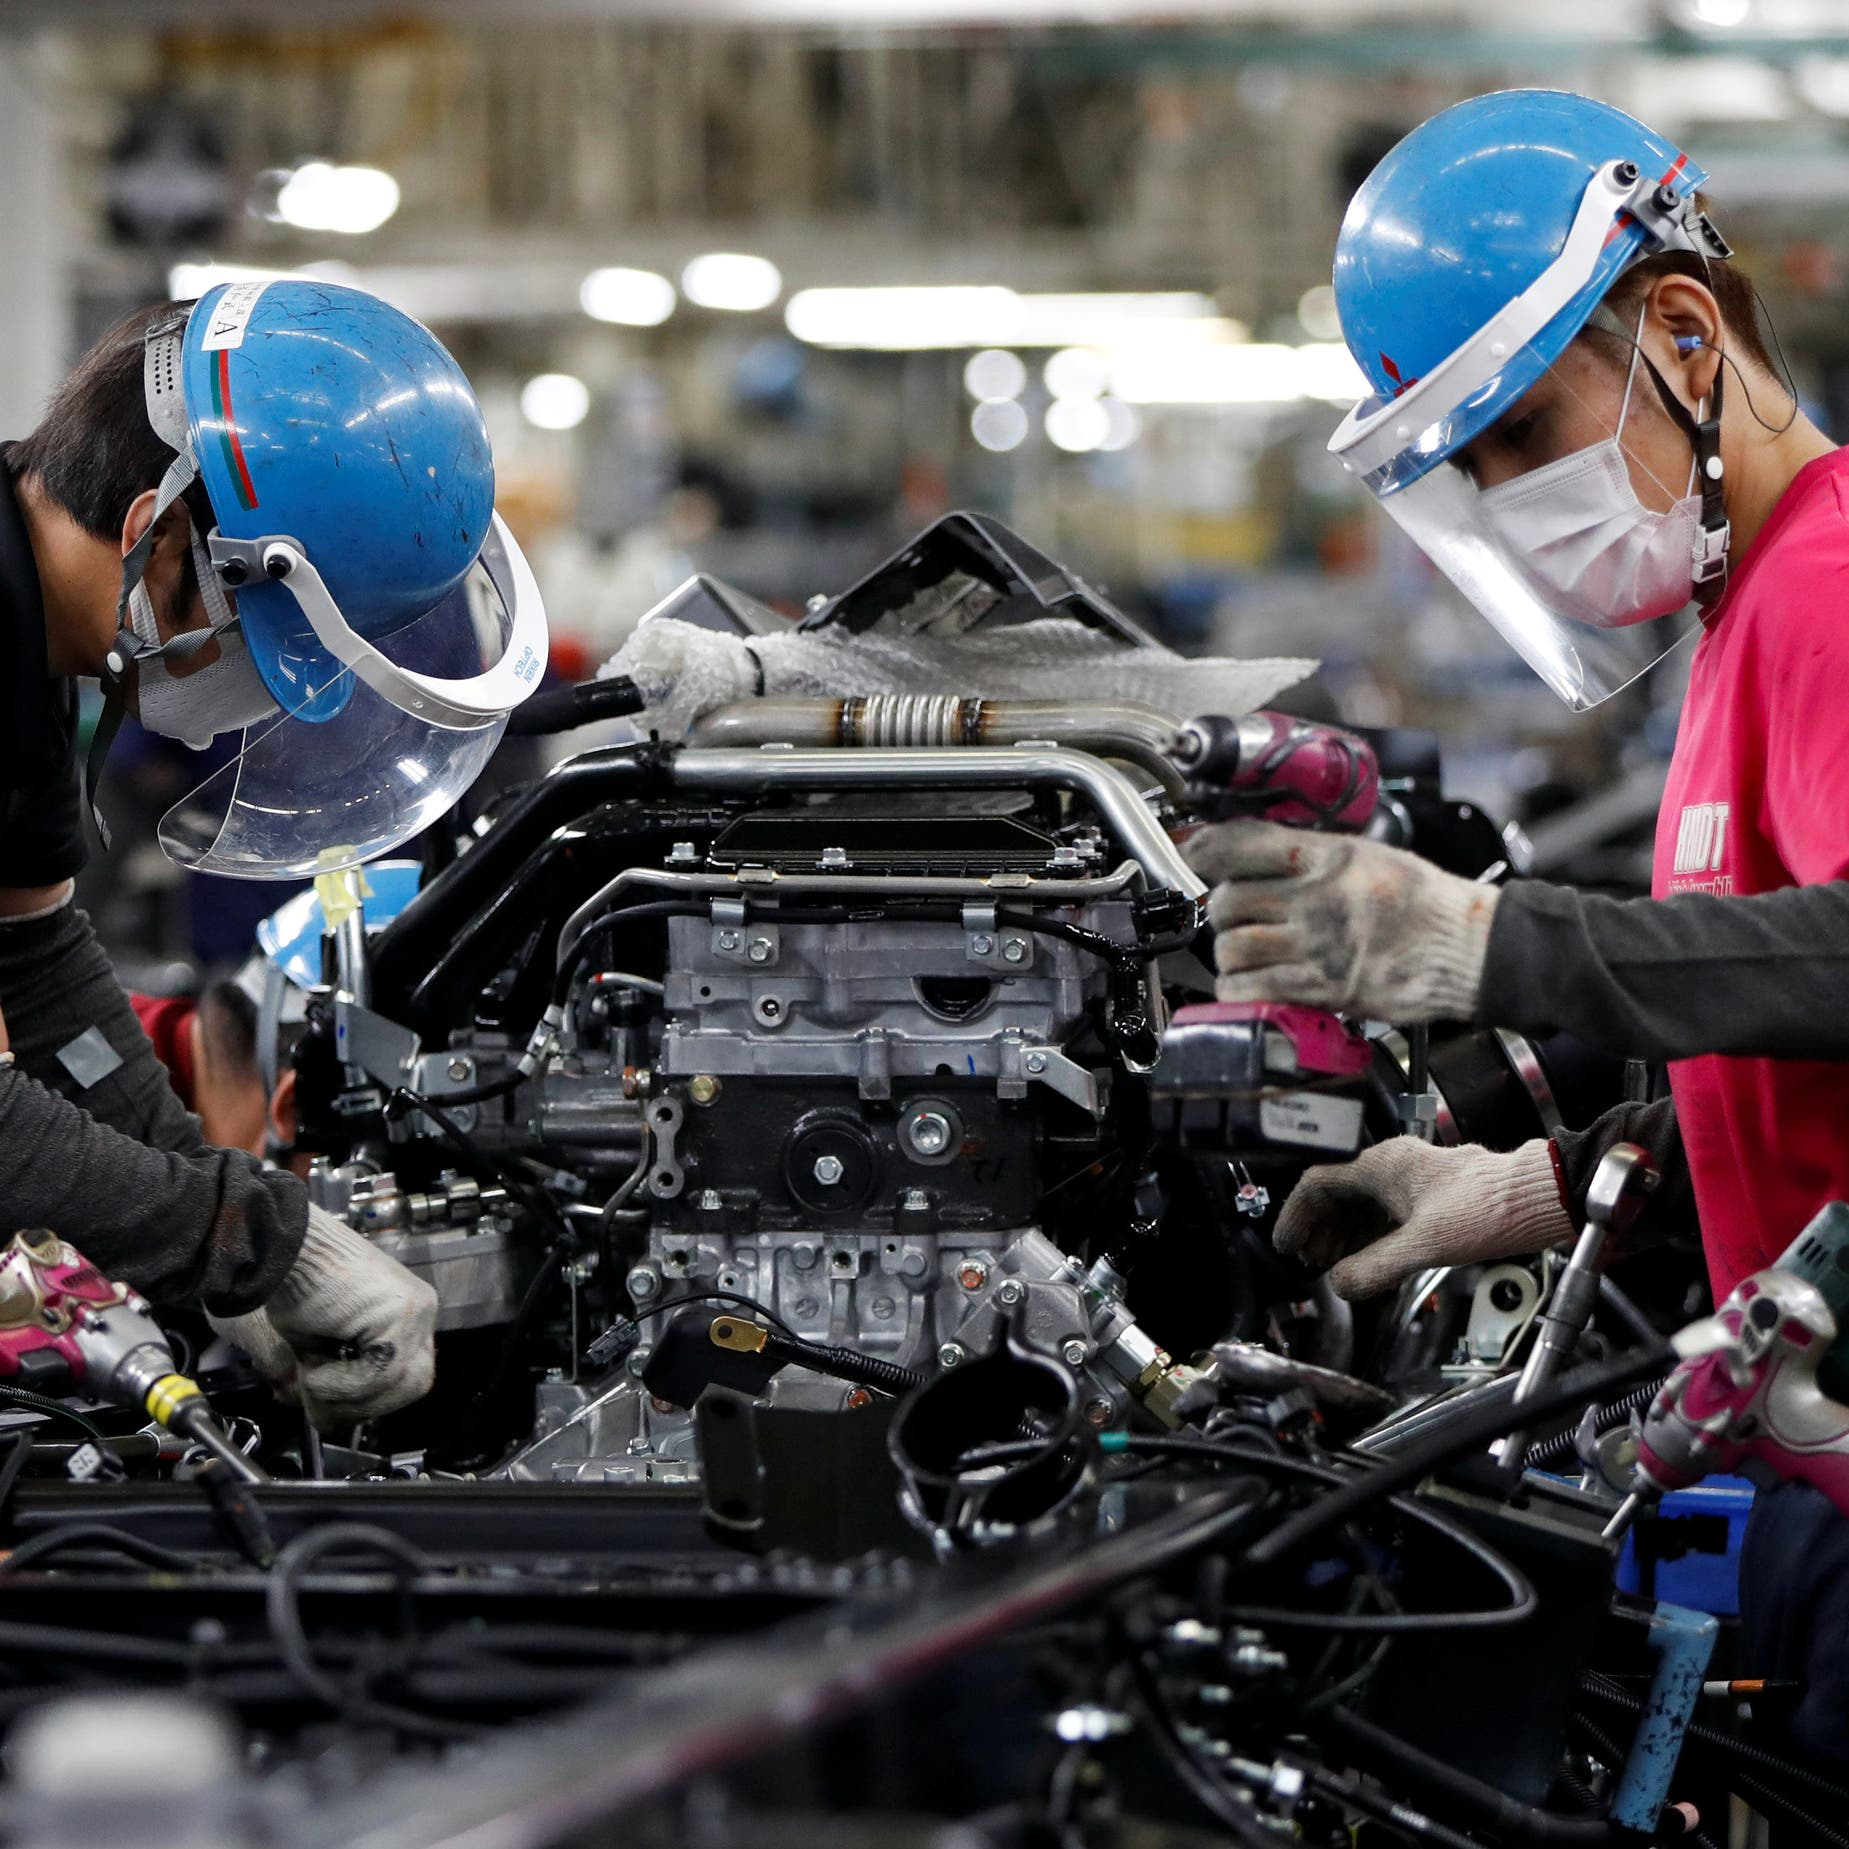 عملاق الصناعة الألمانية يقتحم عالم السيارات الكهربائية.. 3 آلاف وظيفة مطلوبة